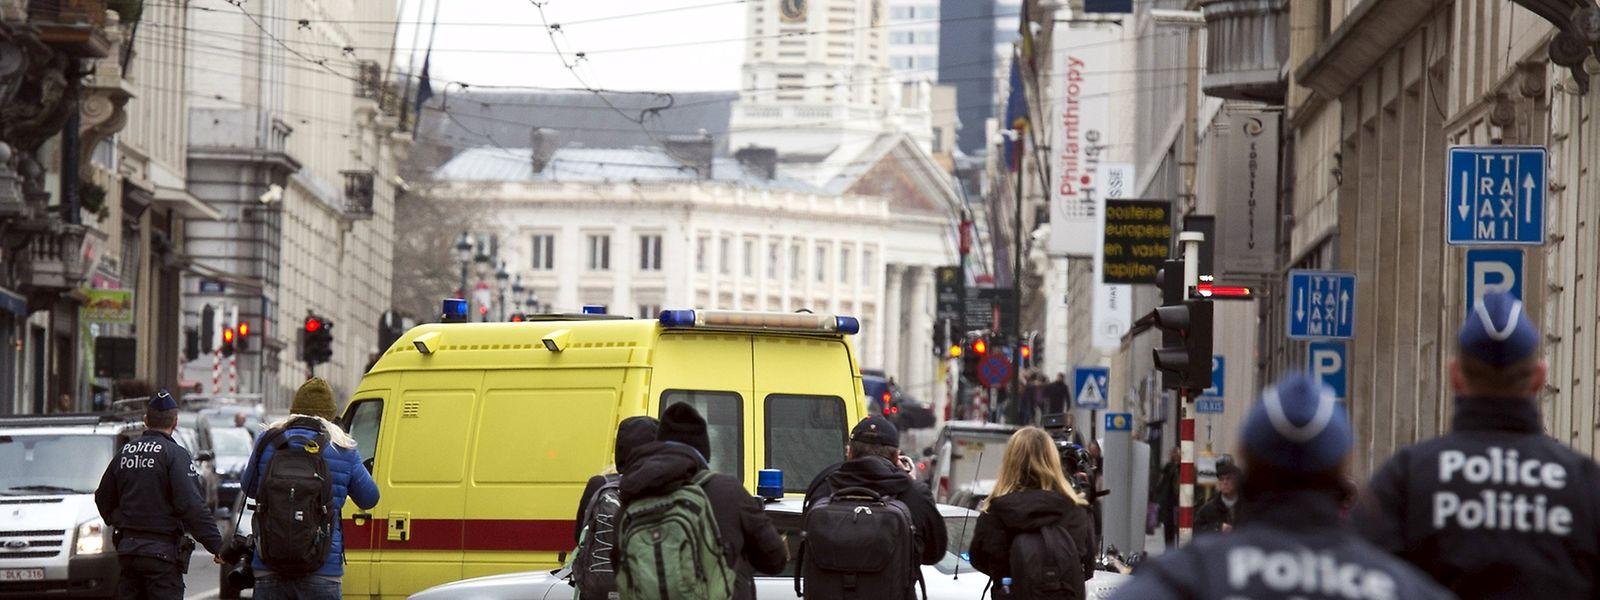 Polizei und Presse: In diesem Krankenwagen wurde Abdeslam vermutlich am Samstagnachmittag abtransportiert.